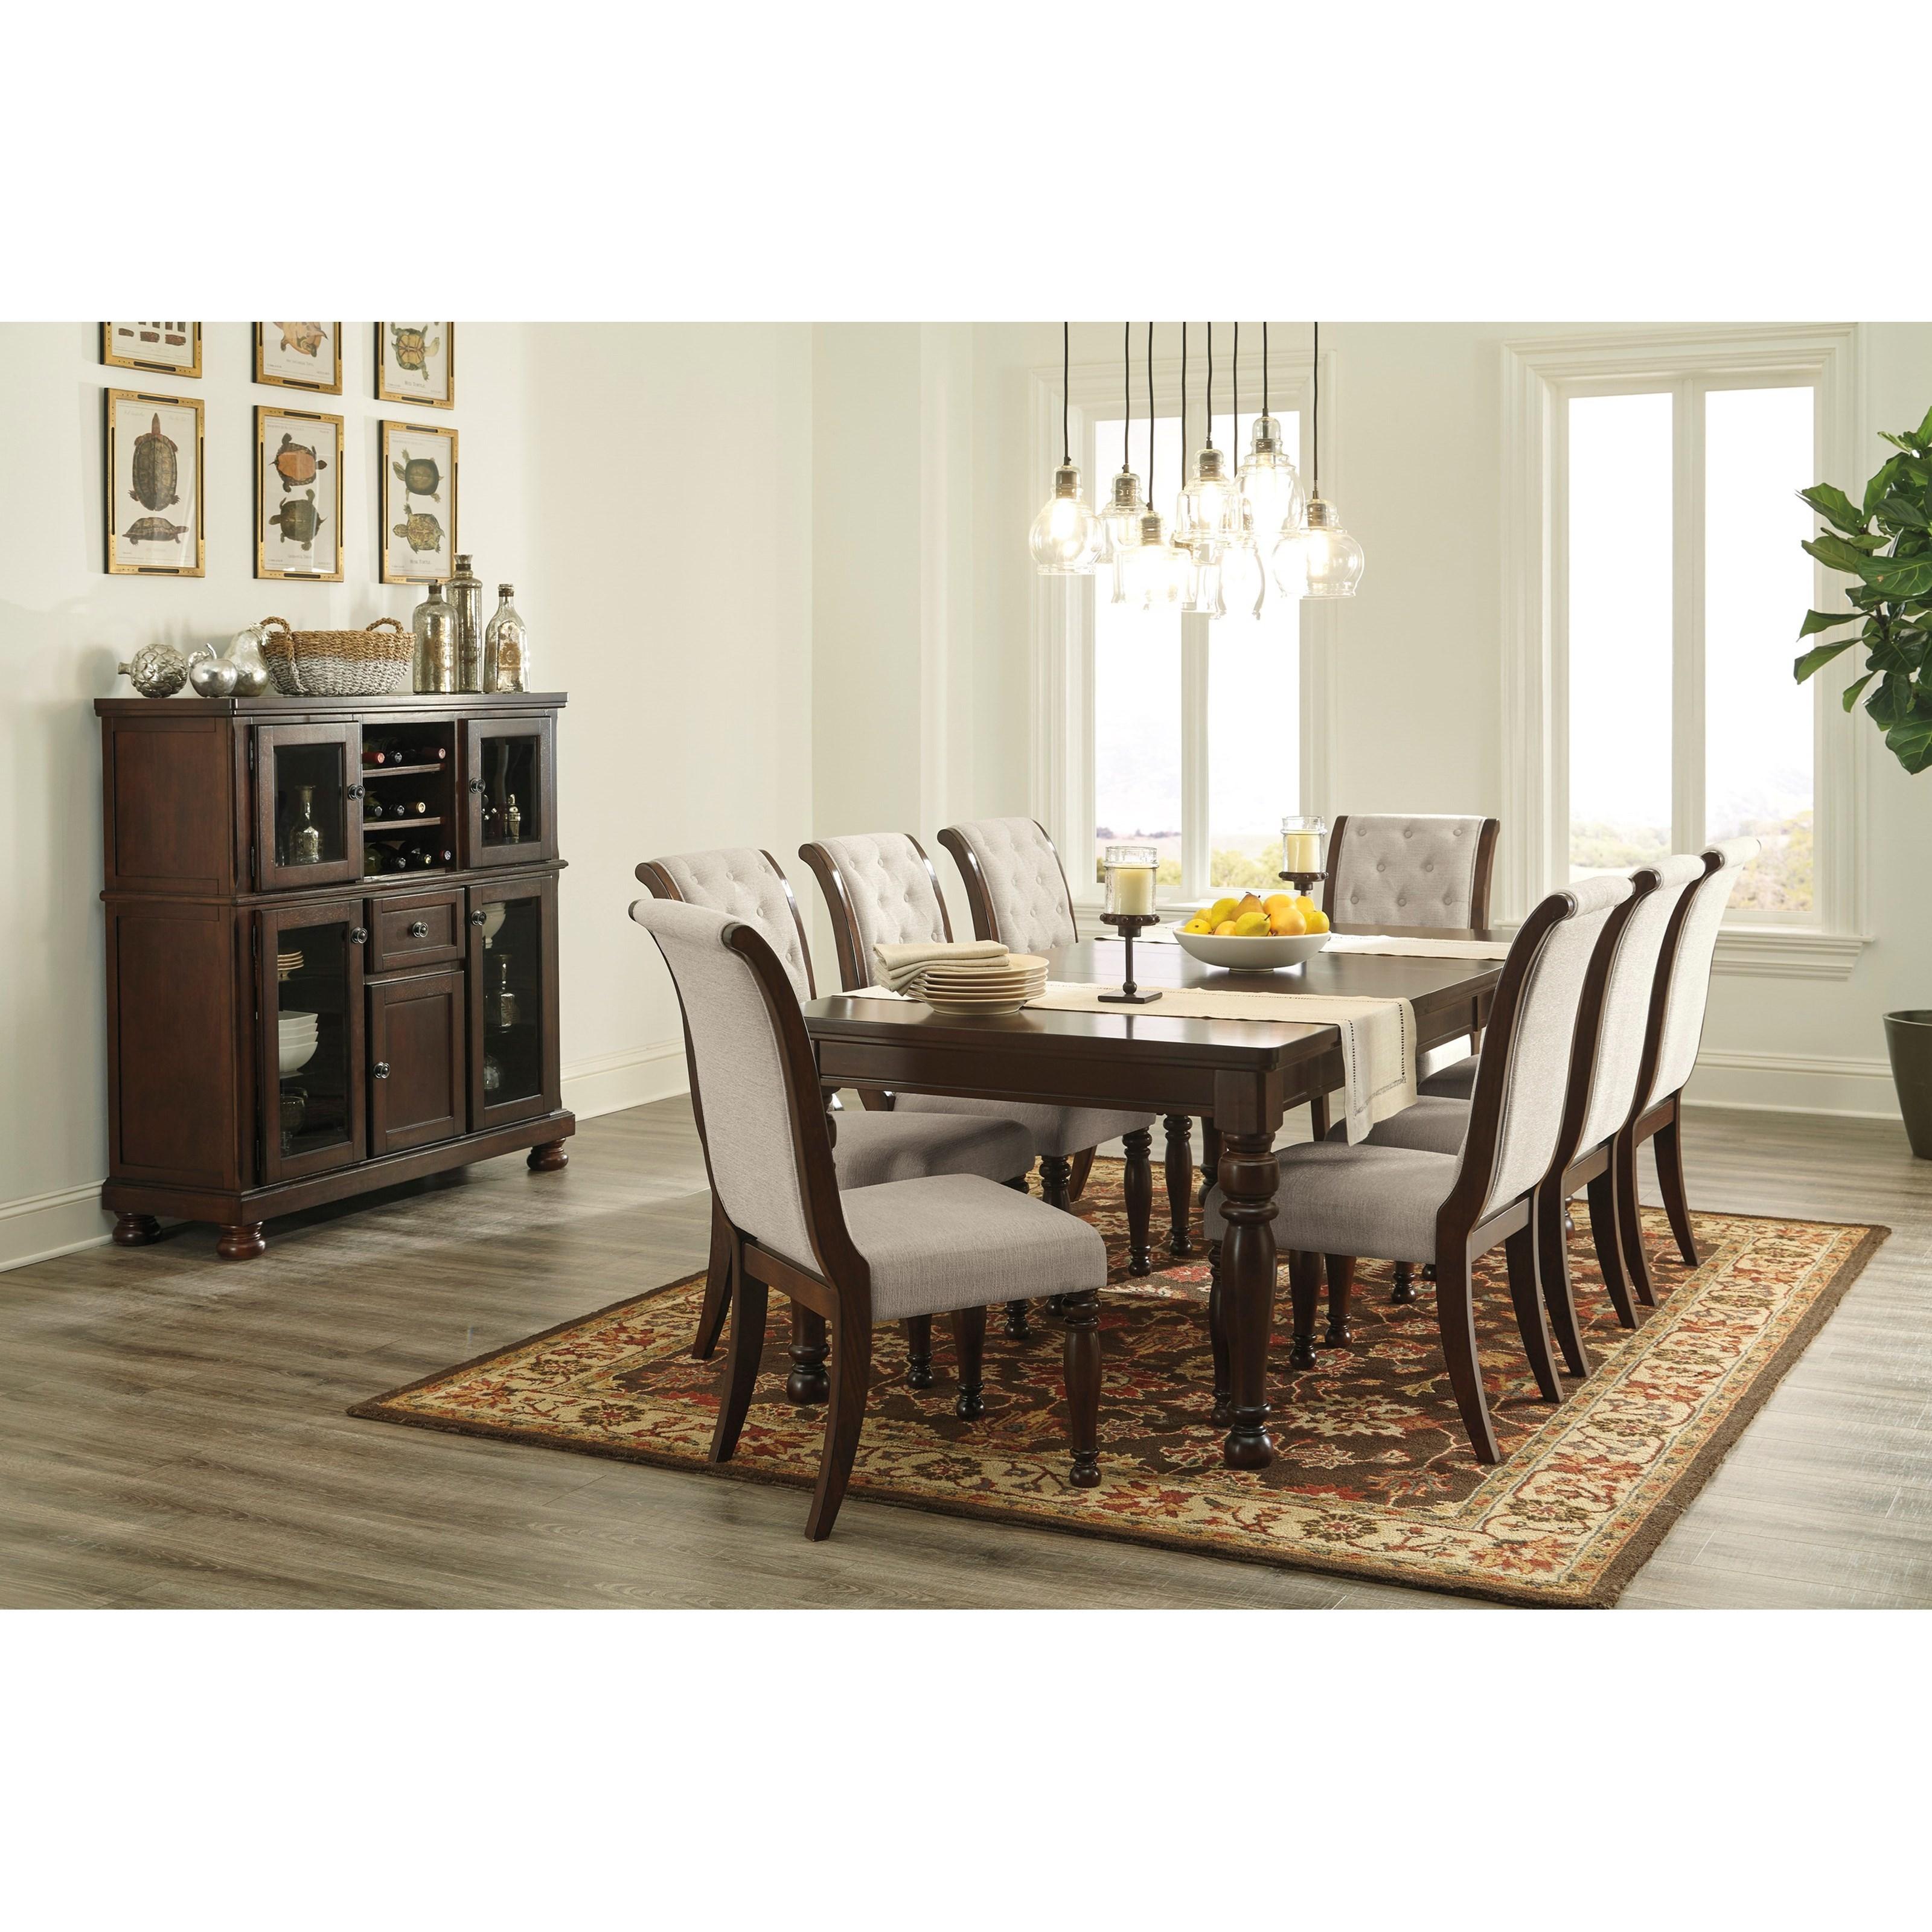 Ashley Furniture PorterFormal Dining Room Group